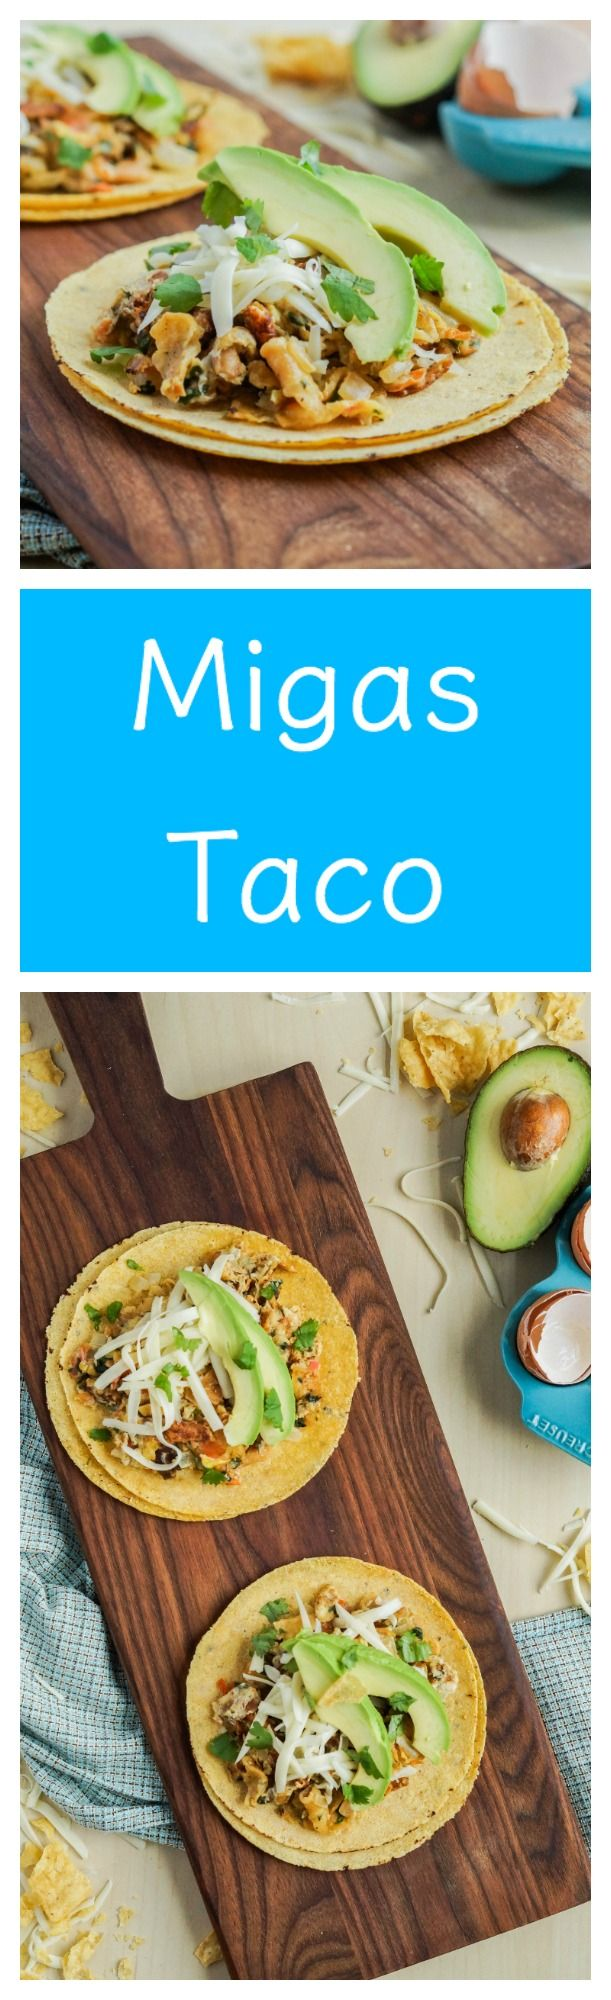 Migas Taco- Breakfast taco with crisp tortilla chips, scrambled eggs, tomato, onion, and cilantro  #migas #taco #breakfast #wrap #egg #tortilla #tomato